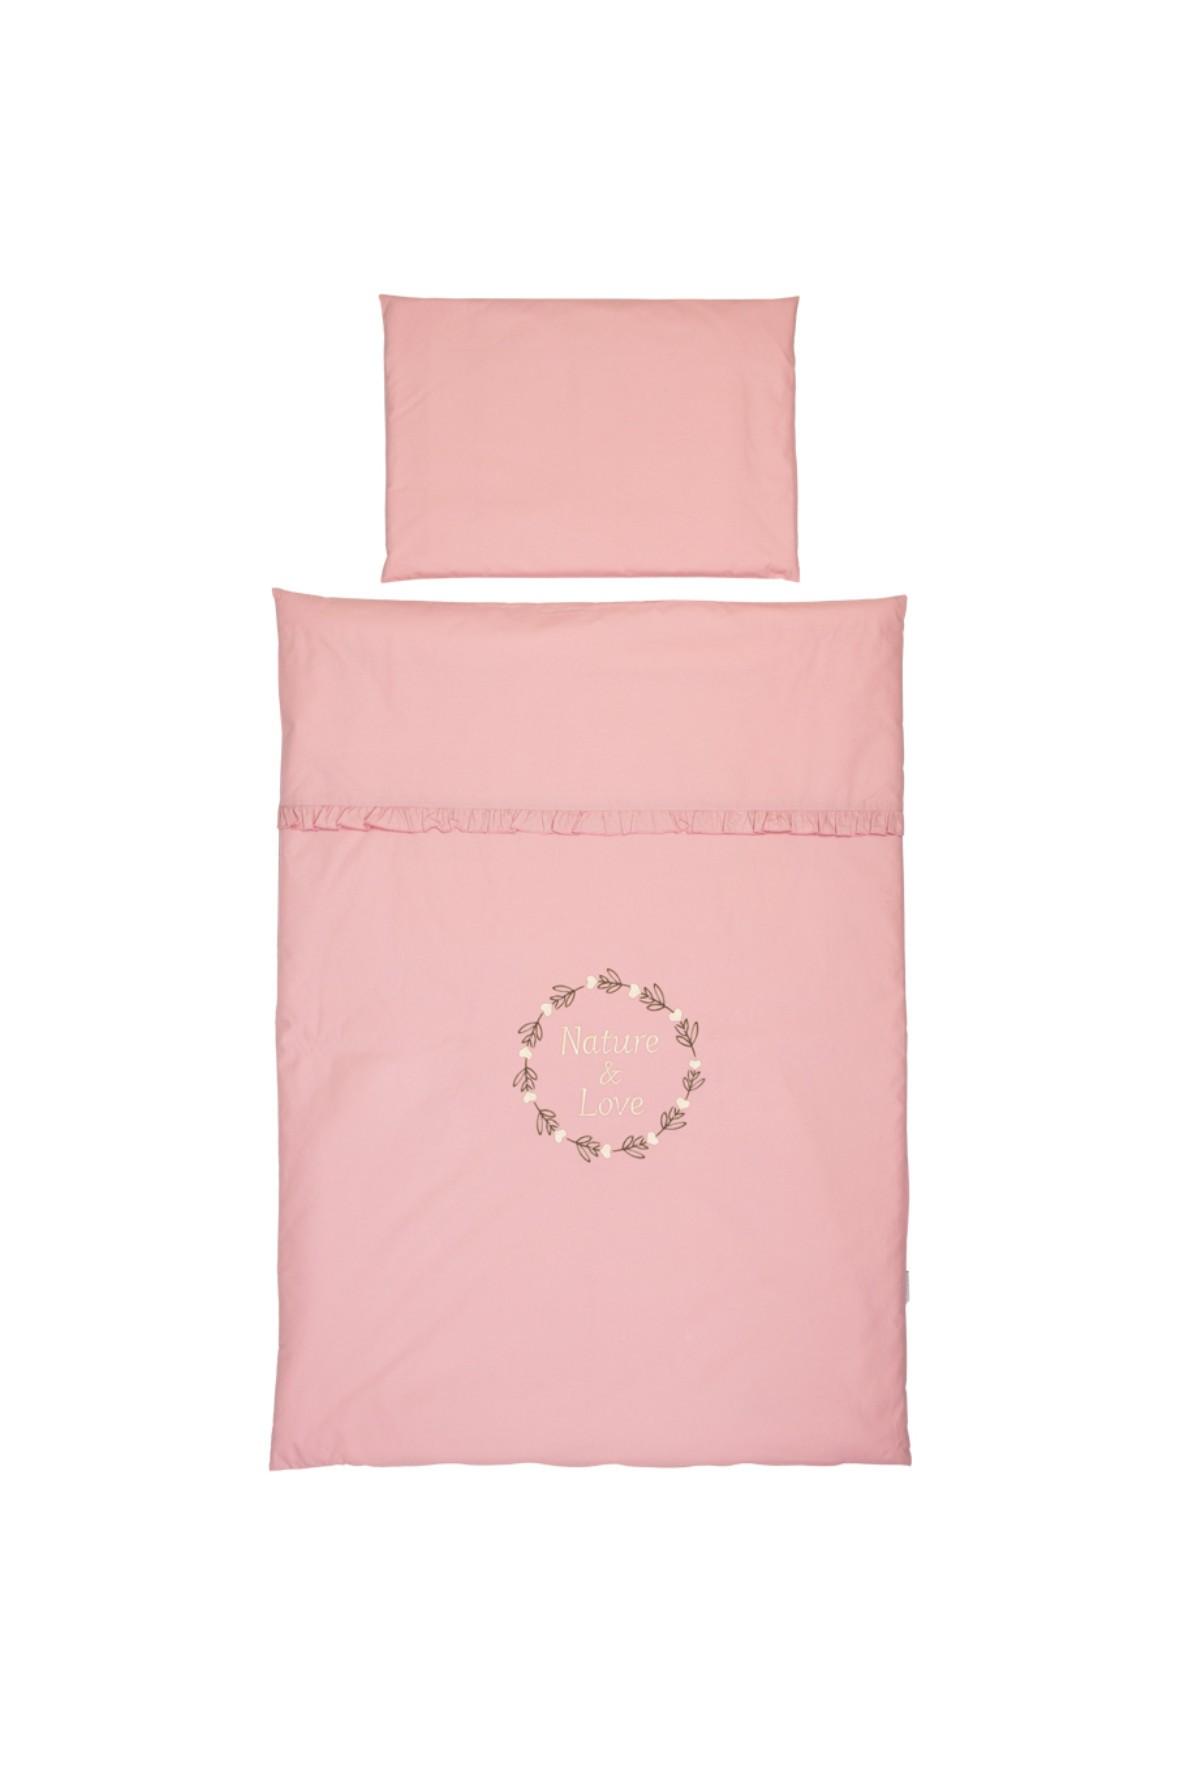 Pościel do łóżeczka dziecięcego 2 elementy różowa - 120x80 cm